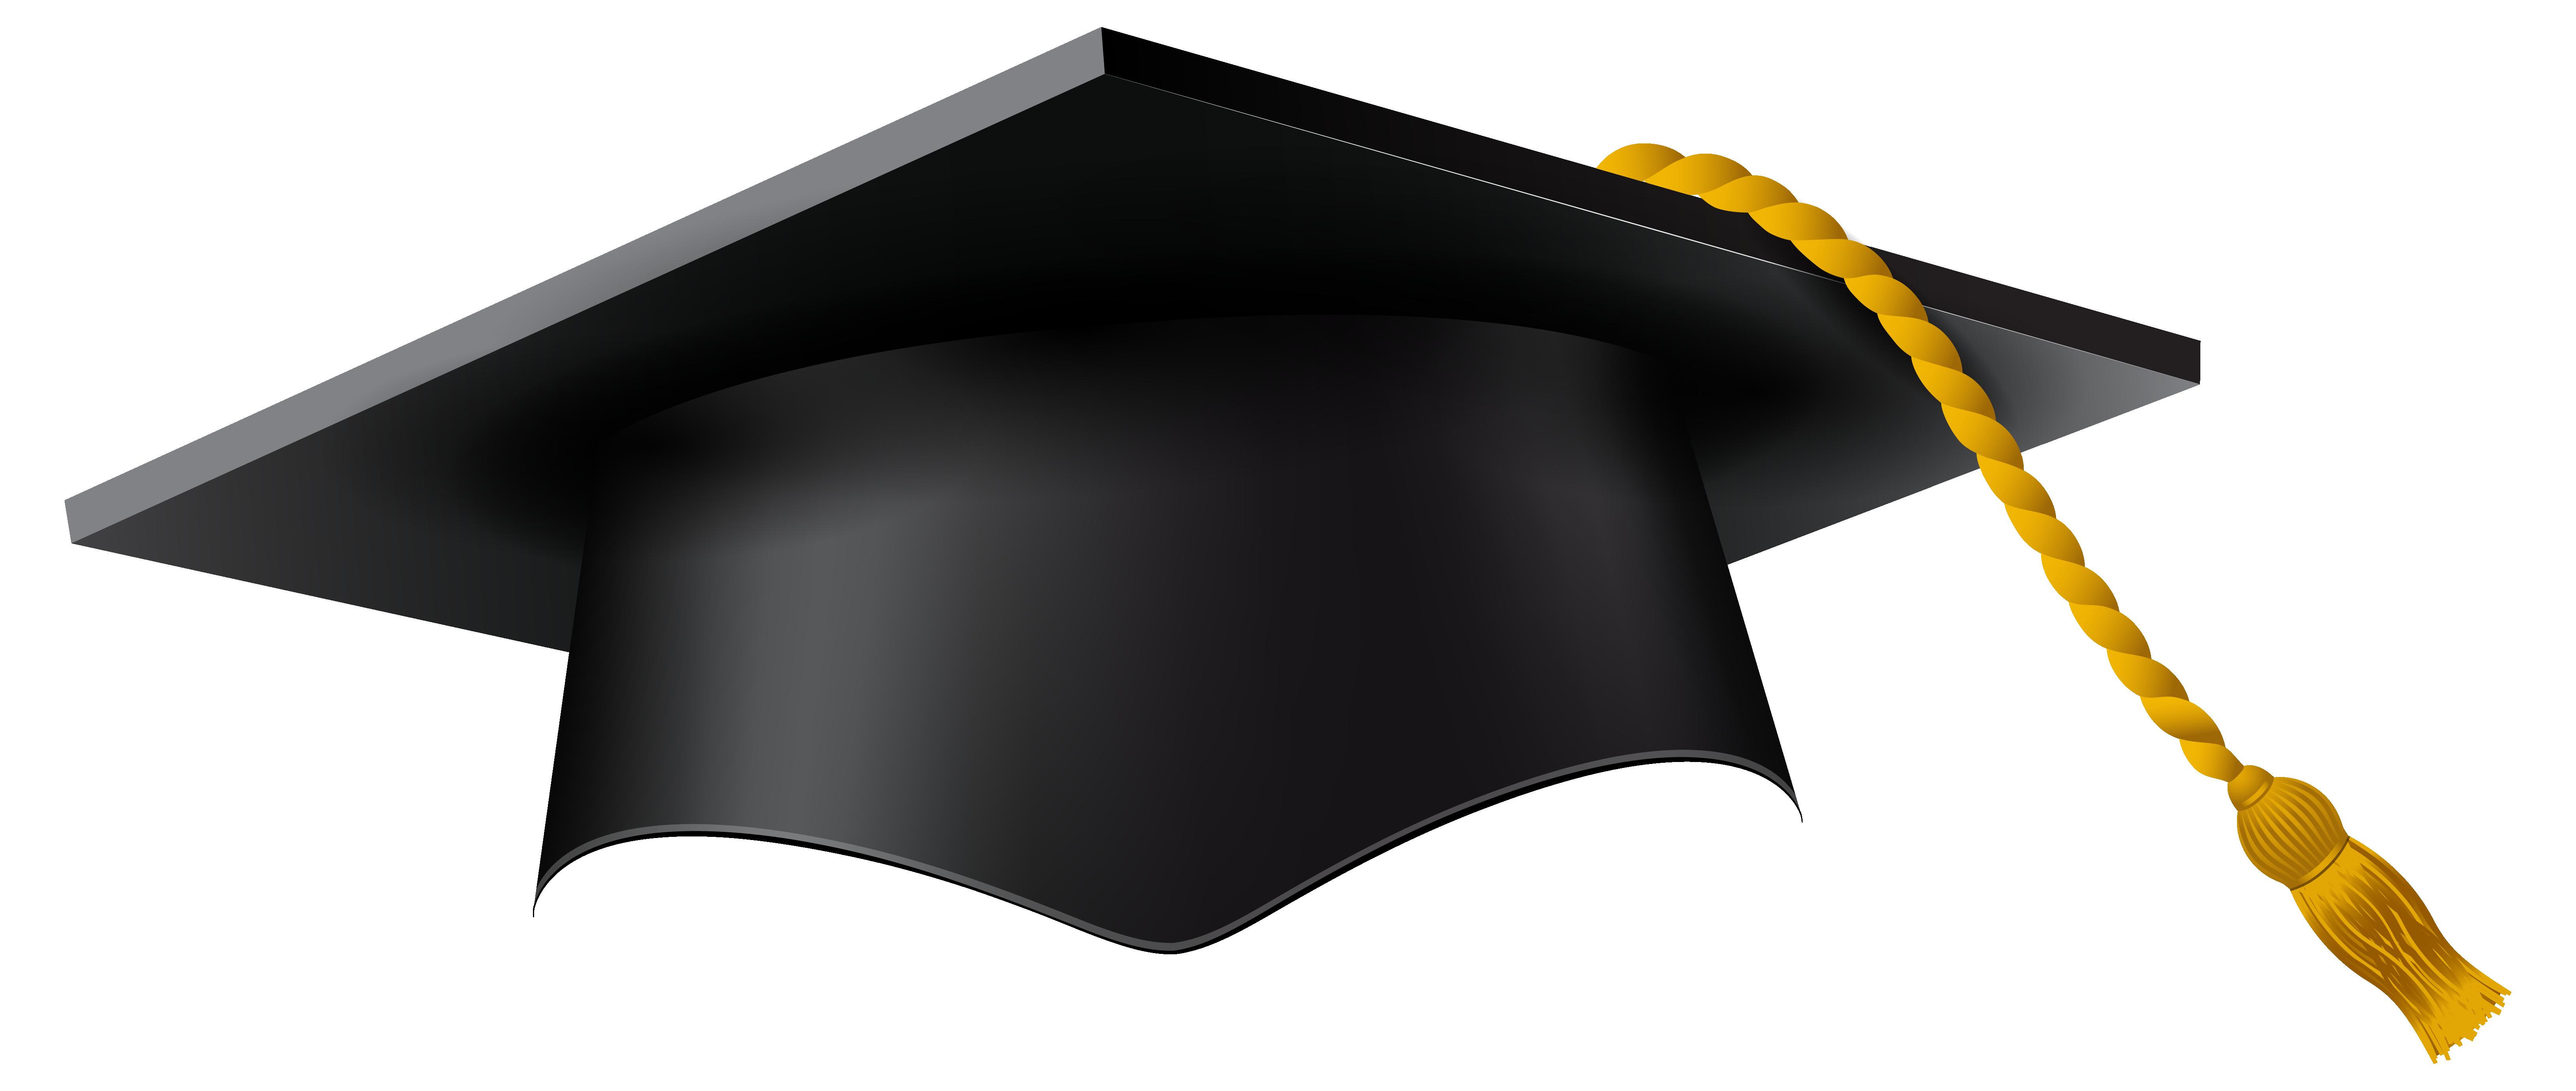 Graduation Cap Black PNG Image